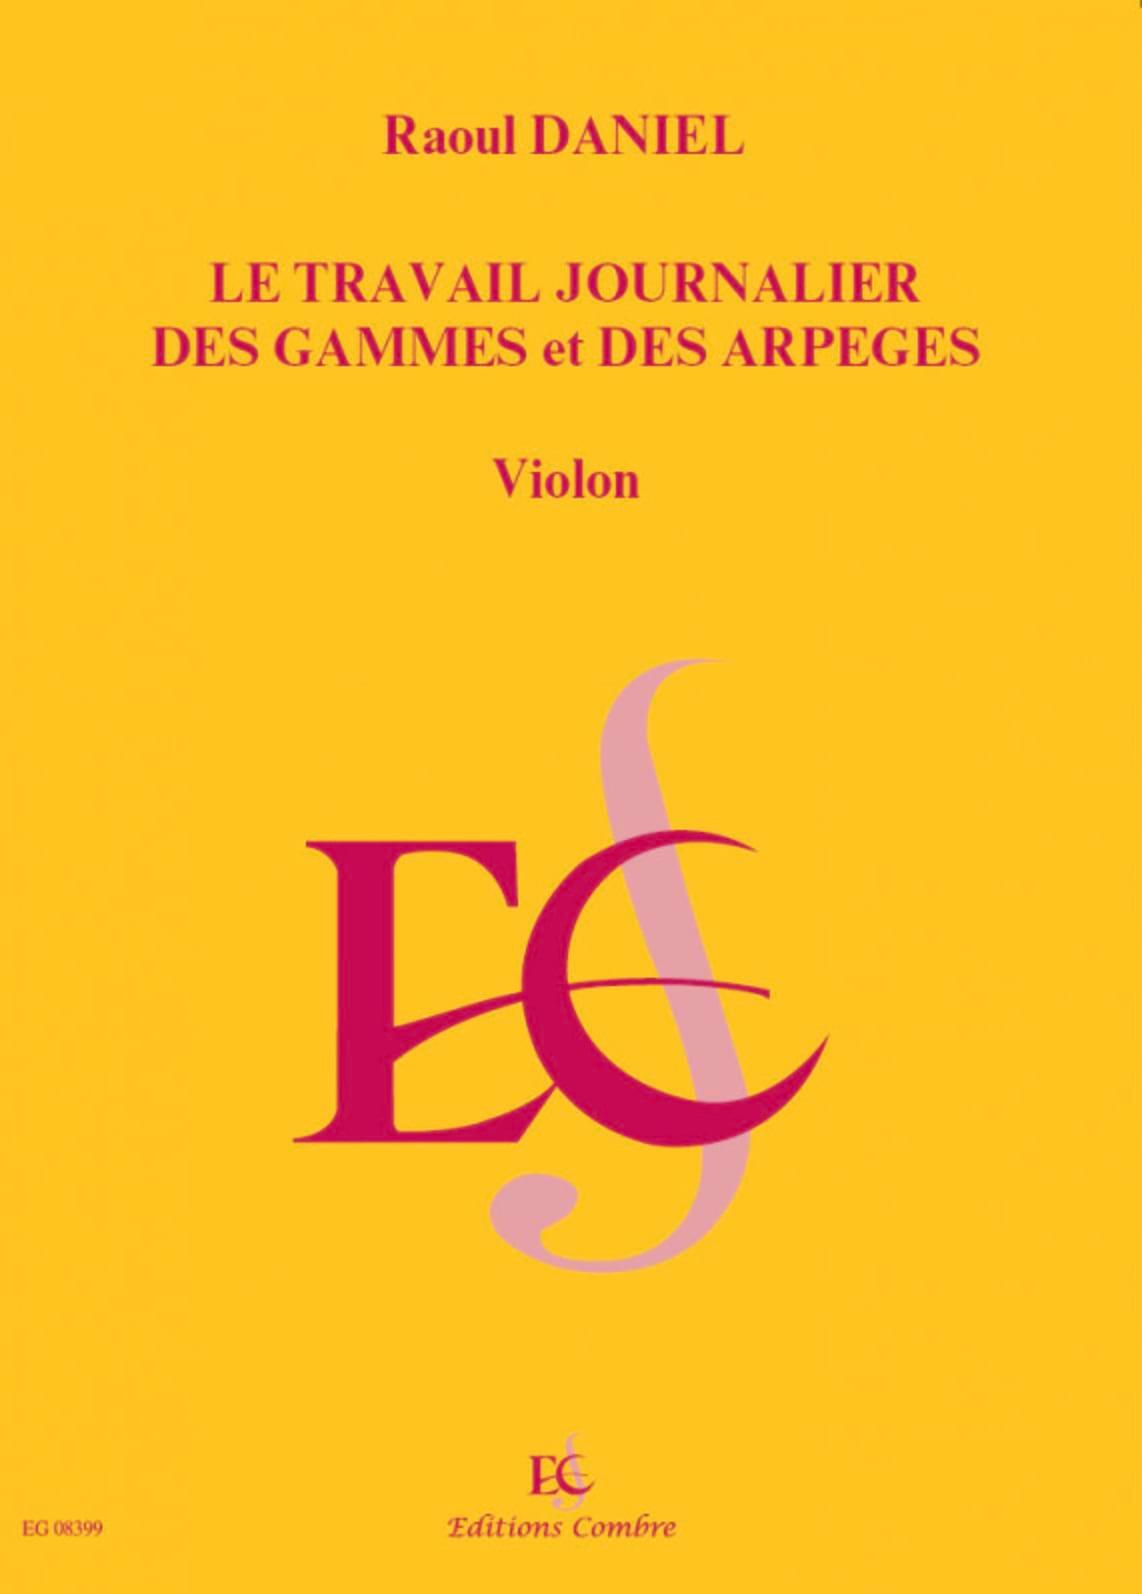 Le Travail Journalier des Gammes et des Arpèges - laflutedepan.com